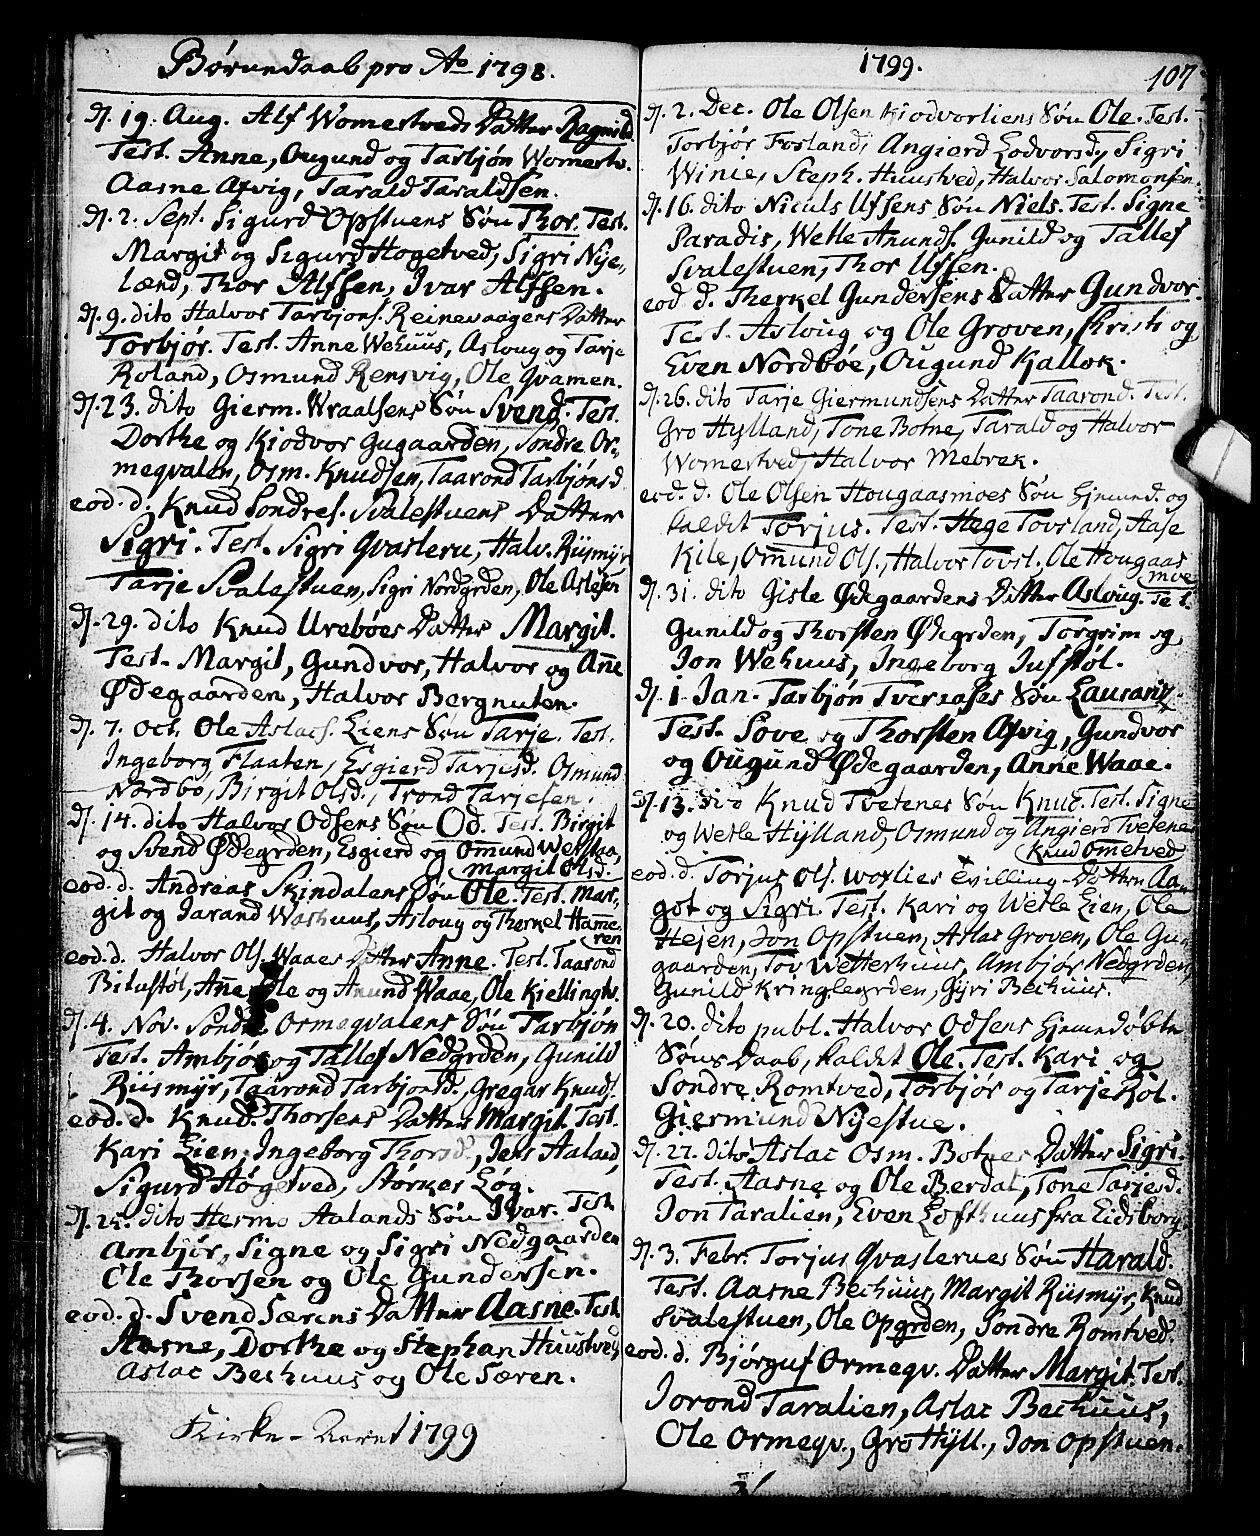 SAKO, Vinje kirkebøker, F/Fa/L0002: Ministerialbok nr. I 2, 1767-1814, s. 107